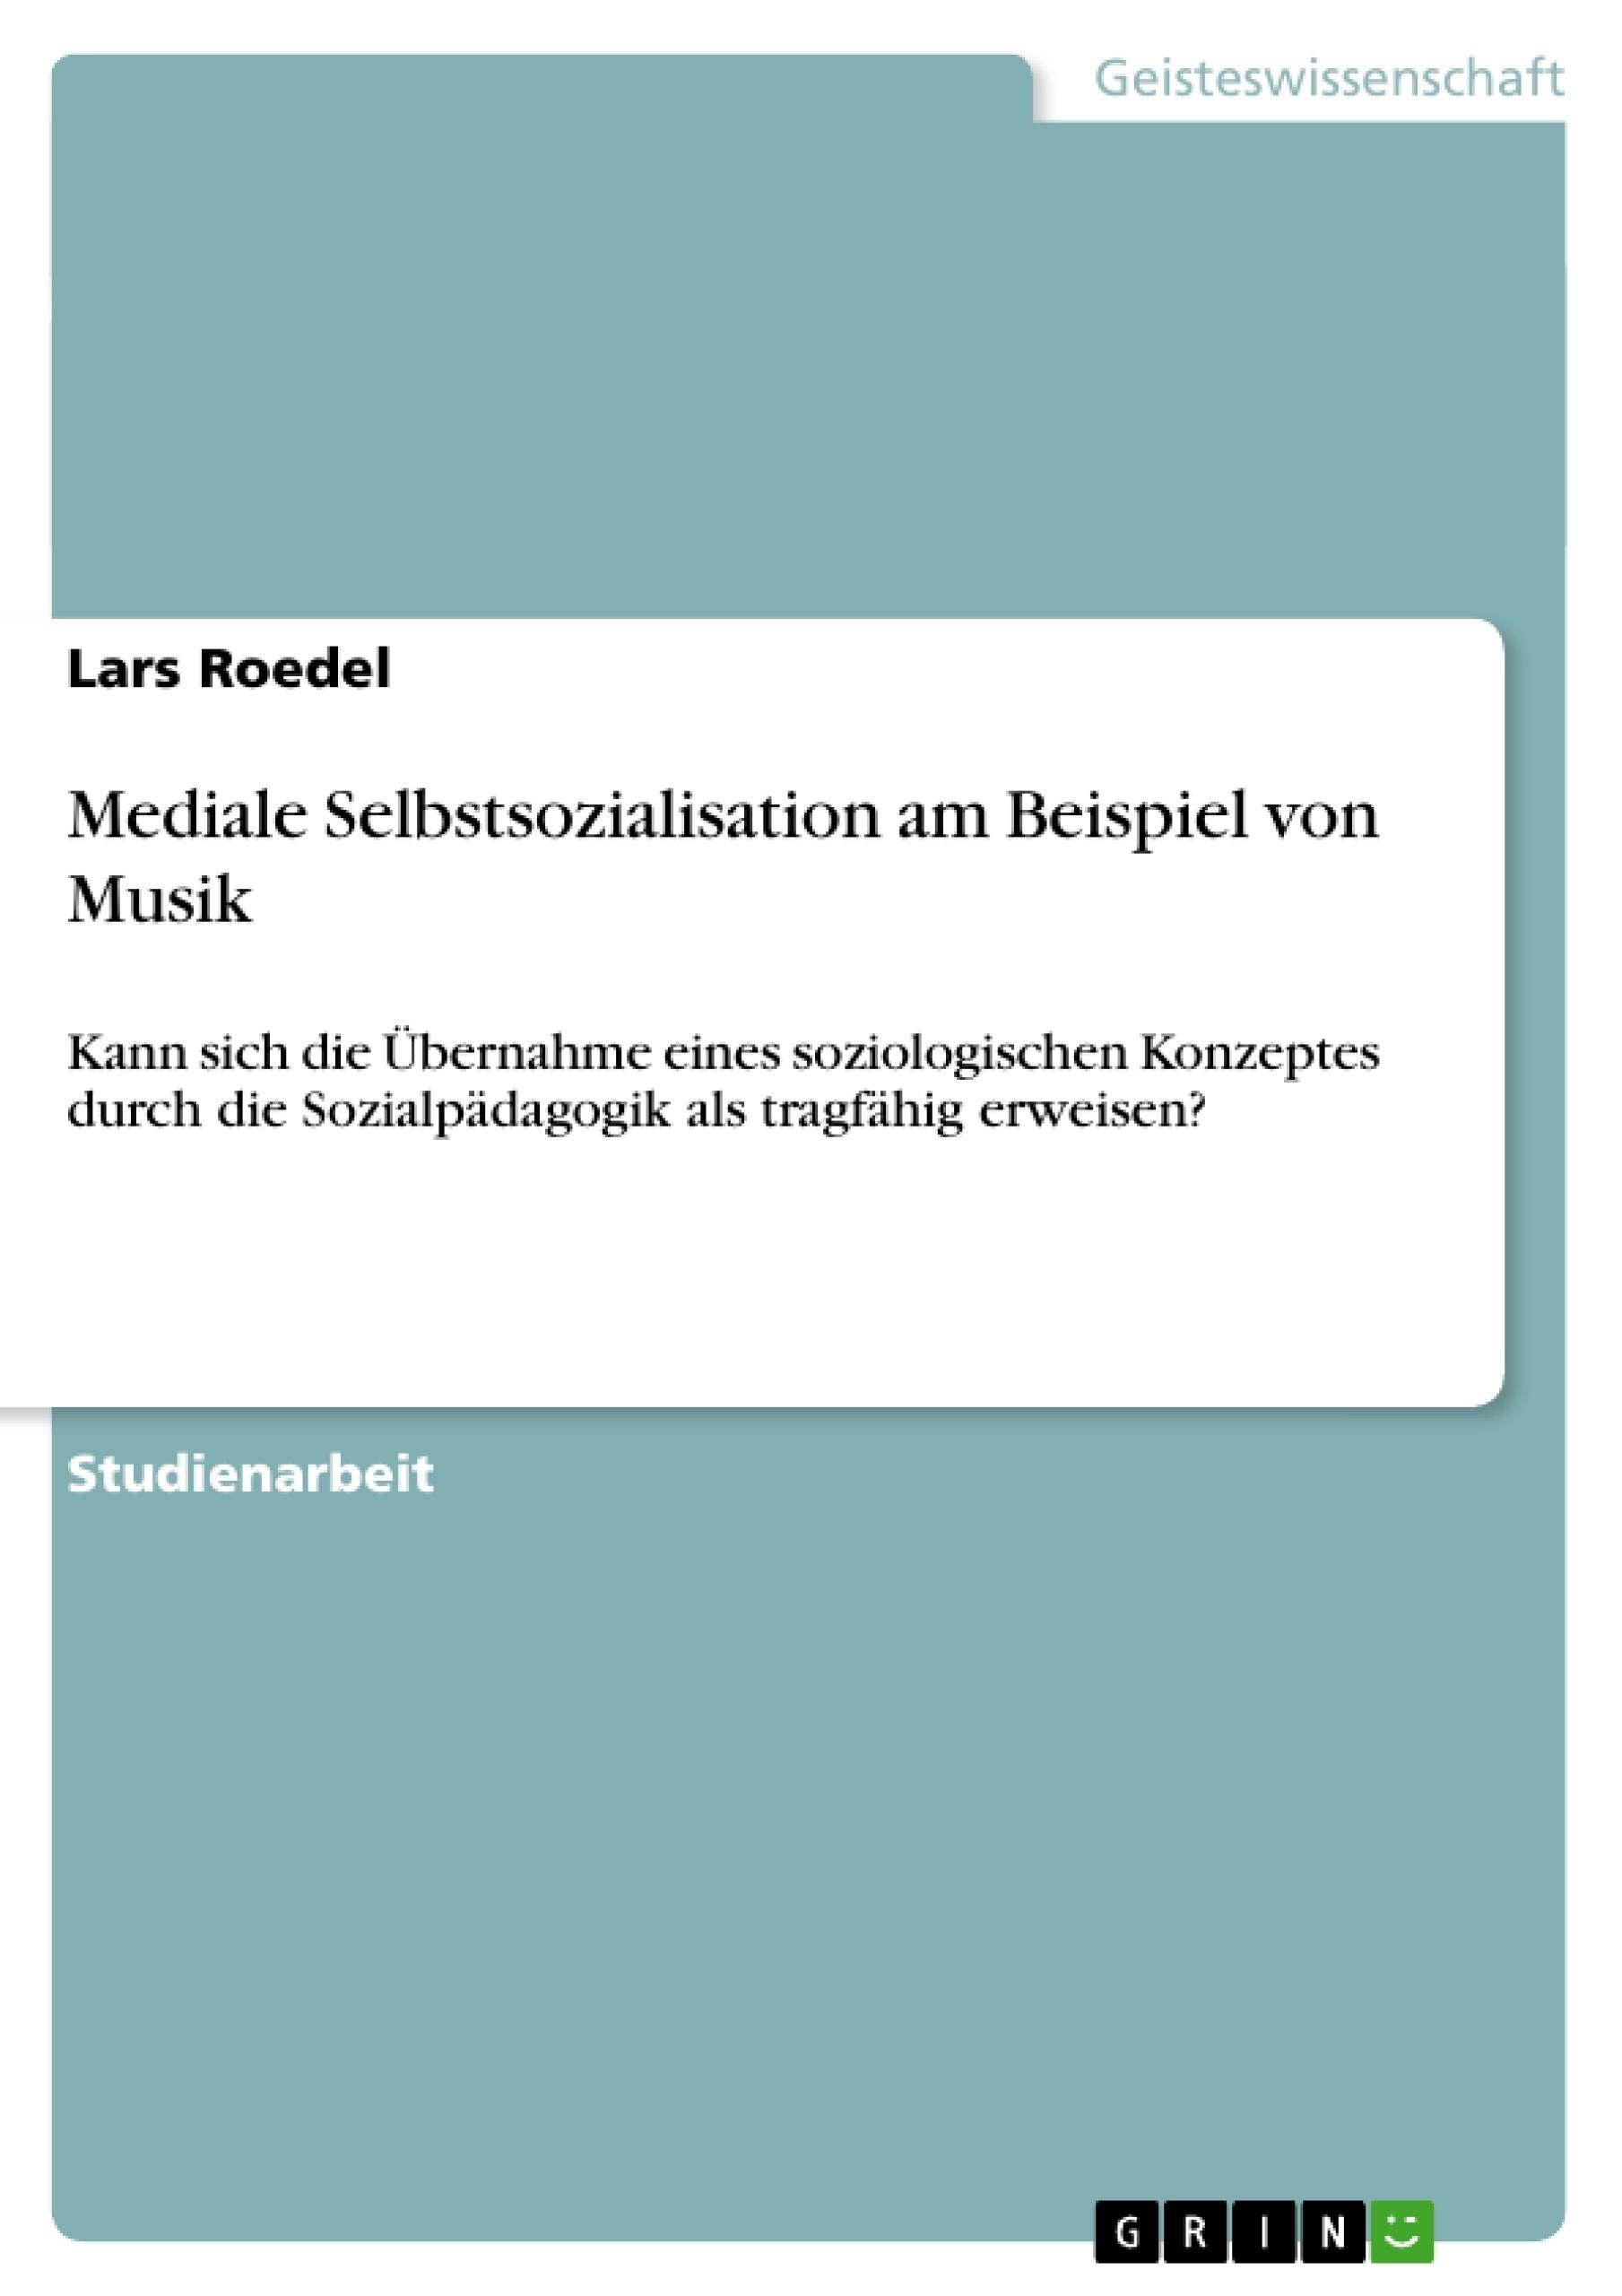 Titel: Mediale Selbstsozialisation am Beispiel von Musik